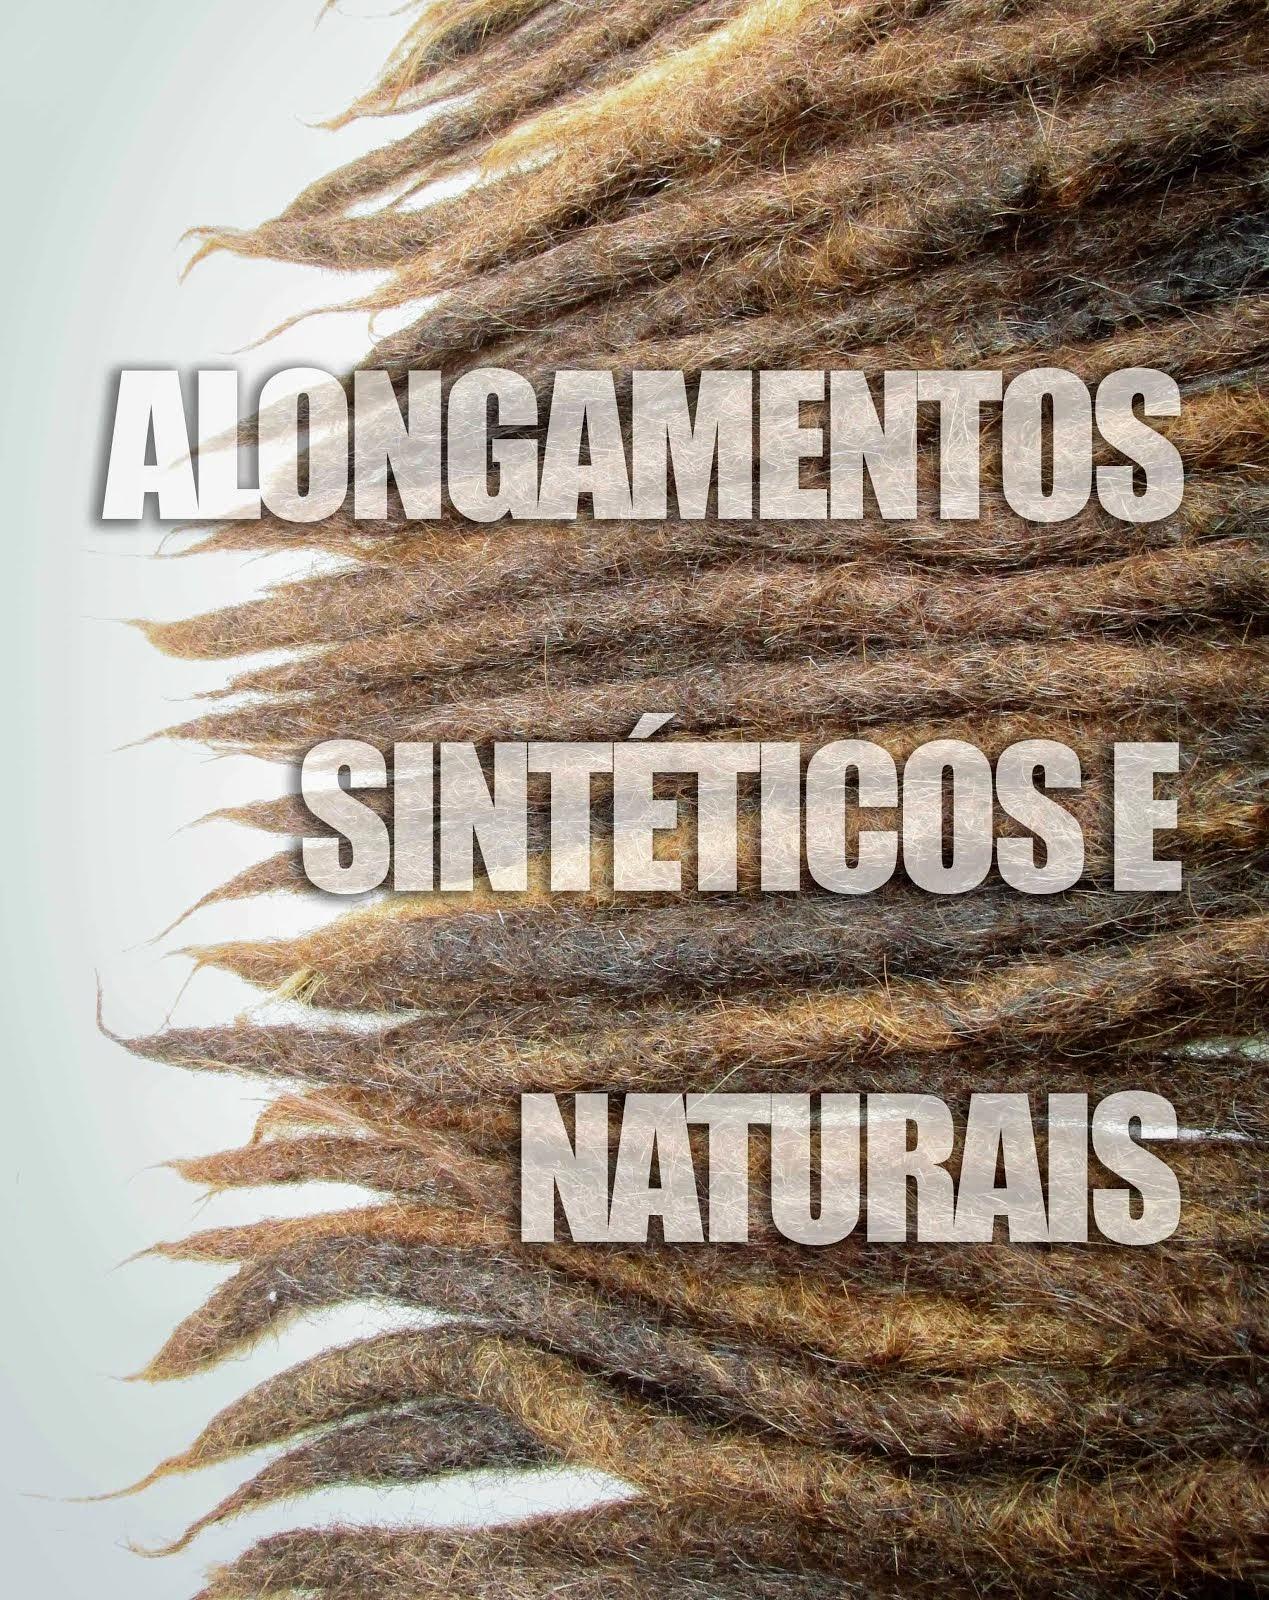 Se você não tem aquela paciência de esperar o cabelo crescer, podemos ti ajudar: